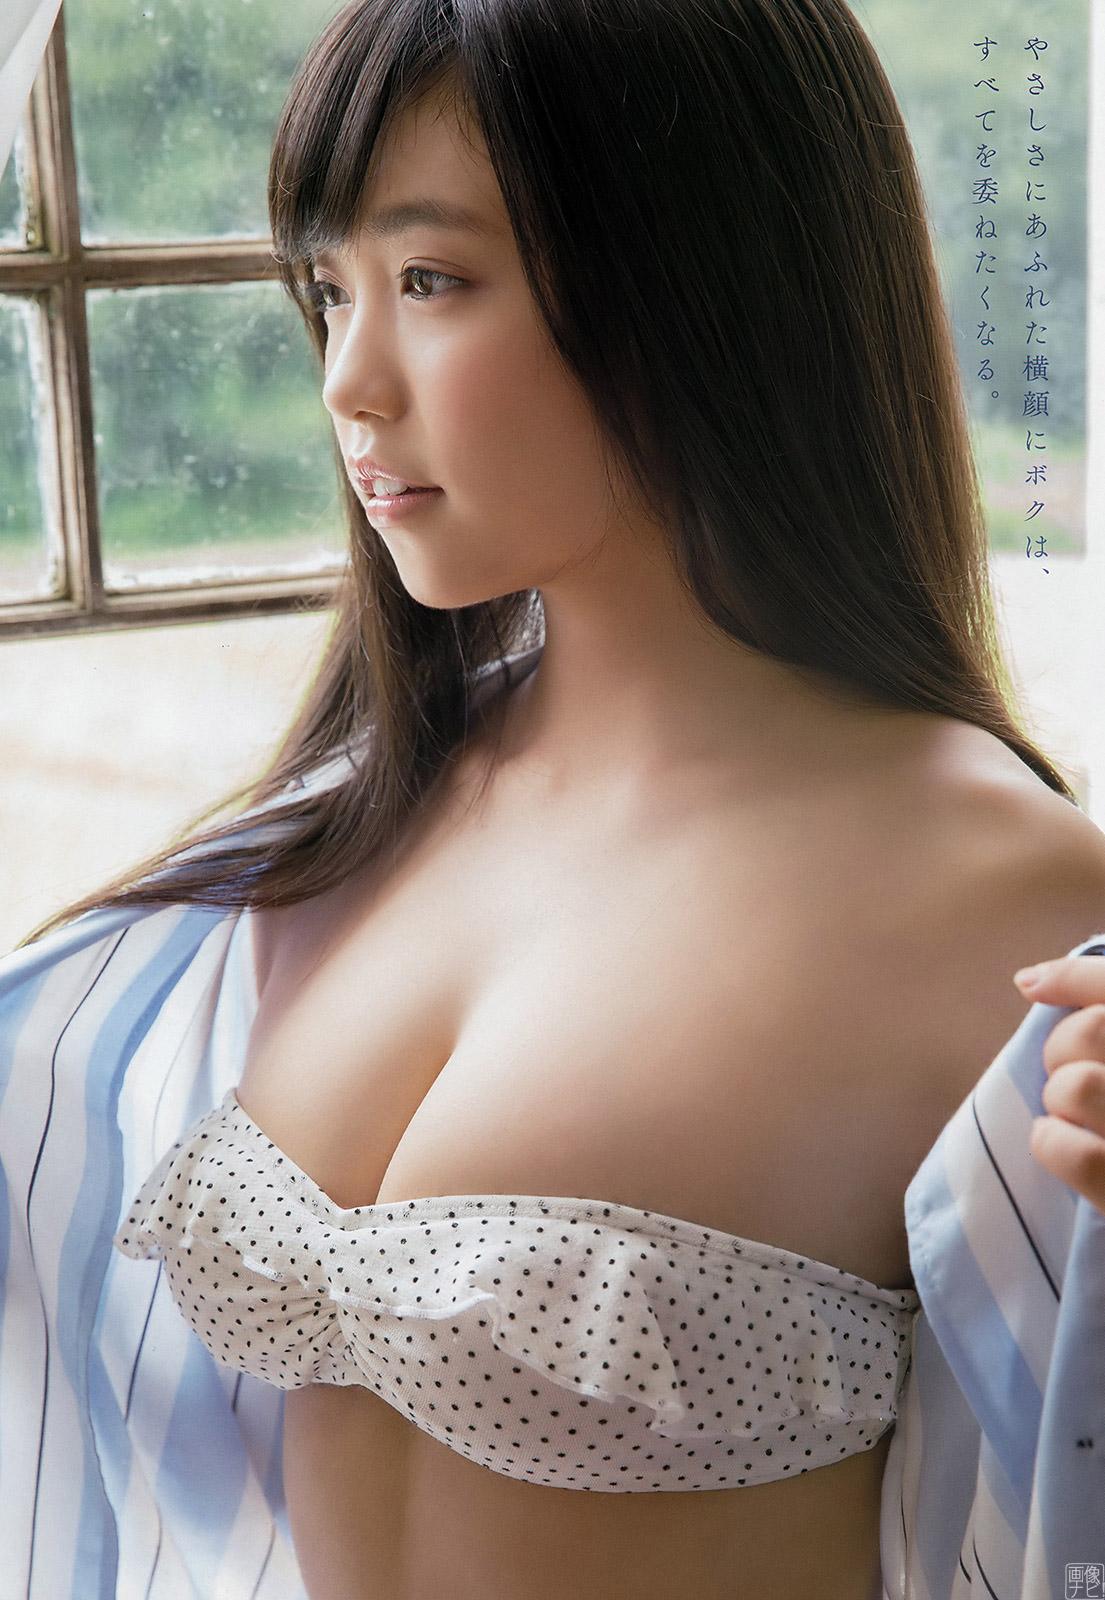 貼りたいスレに困った時のエロ画像置き場 [無断転載禁止]©bbspink.comYouTube動画>1本 ->画像>1688枚